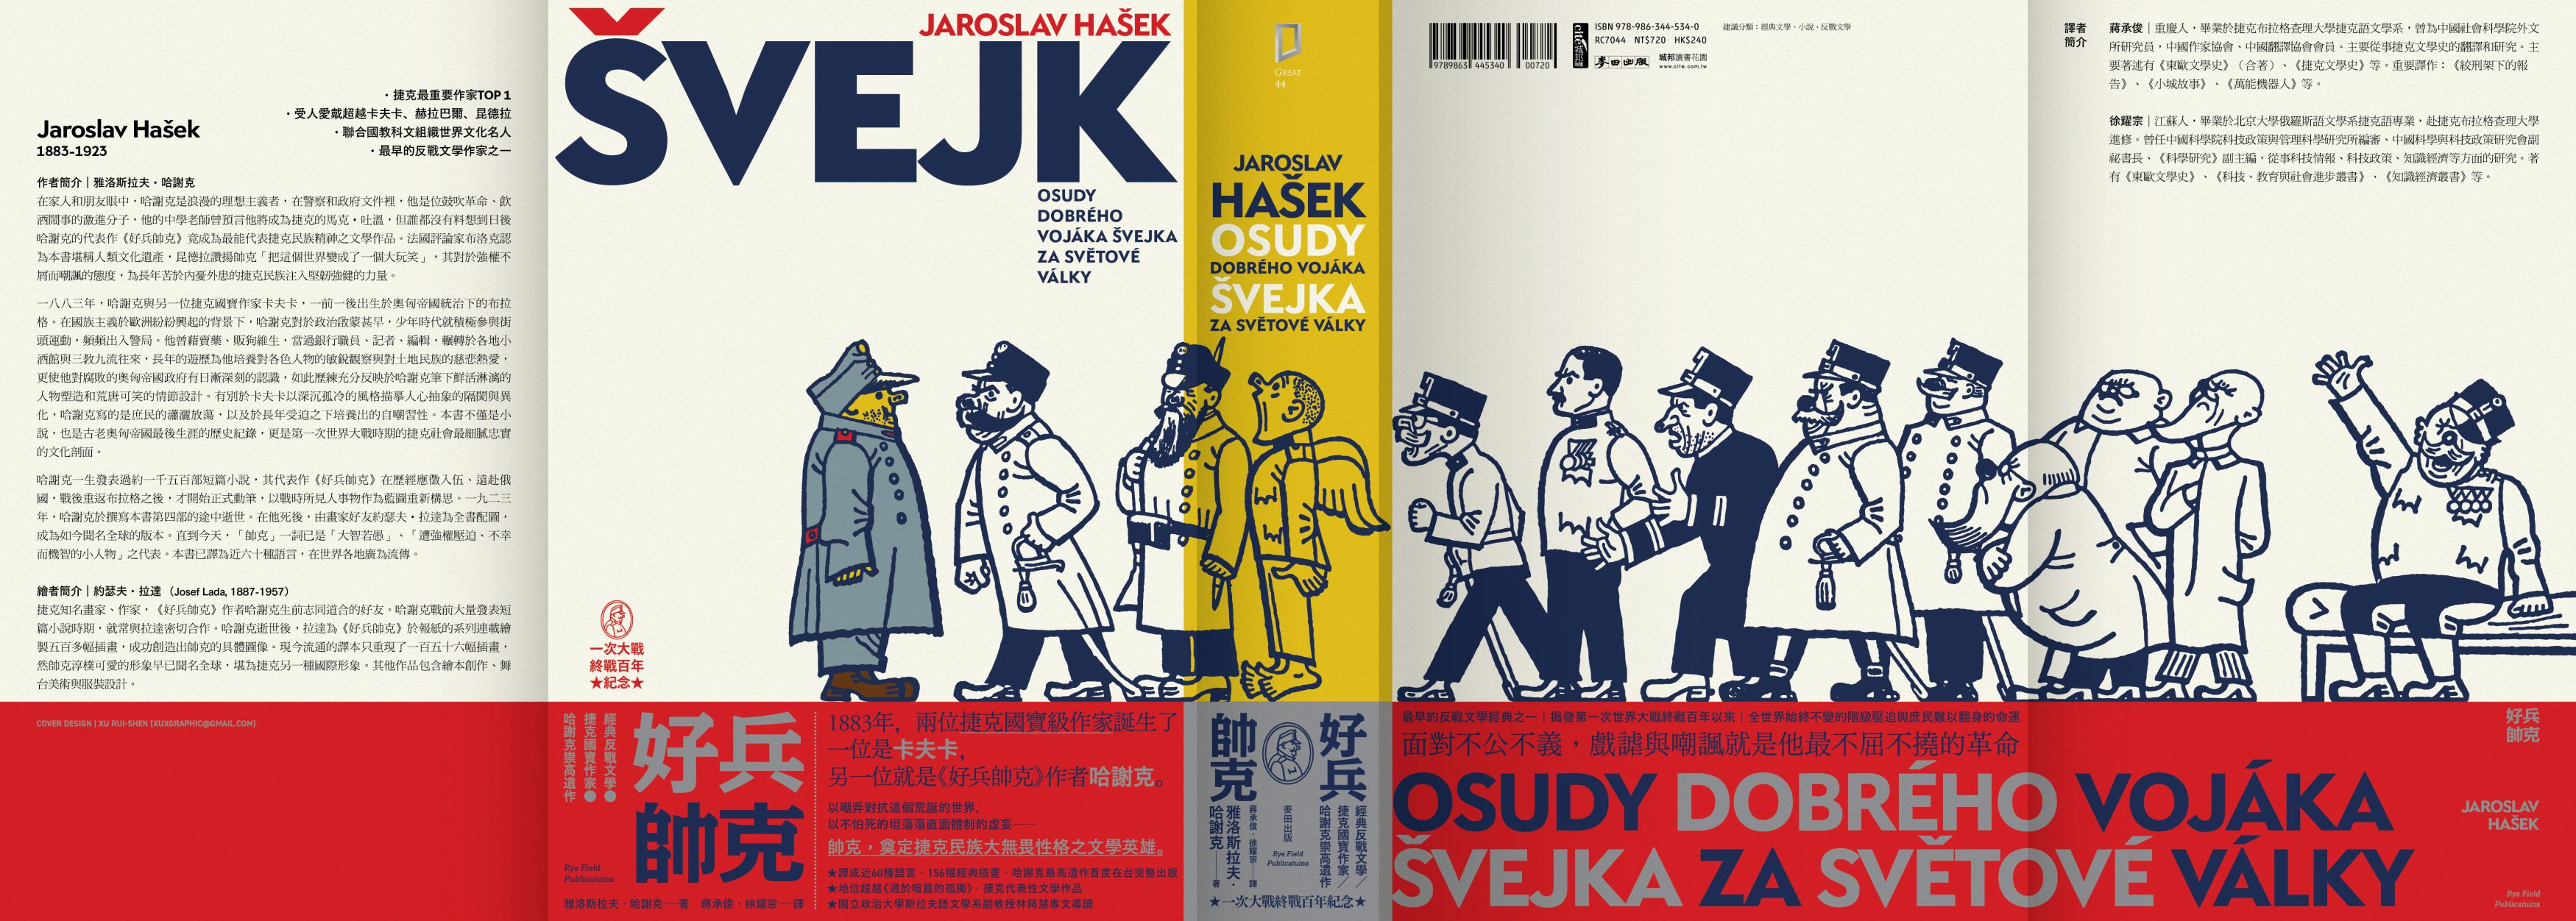 故事的開端就從「書背」開始:談《好兵帥克》封面設計 – 麥田出版翻譯文學線